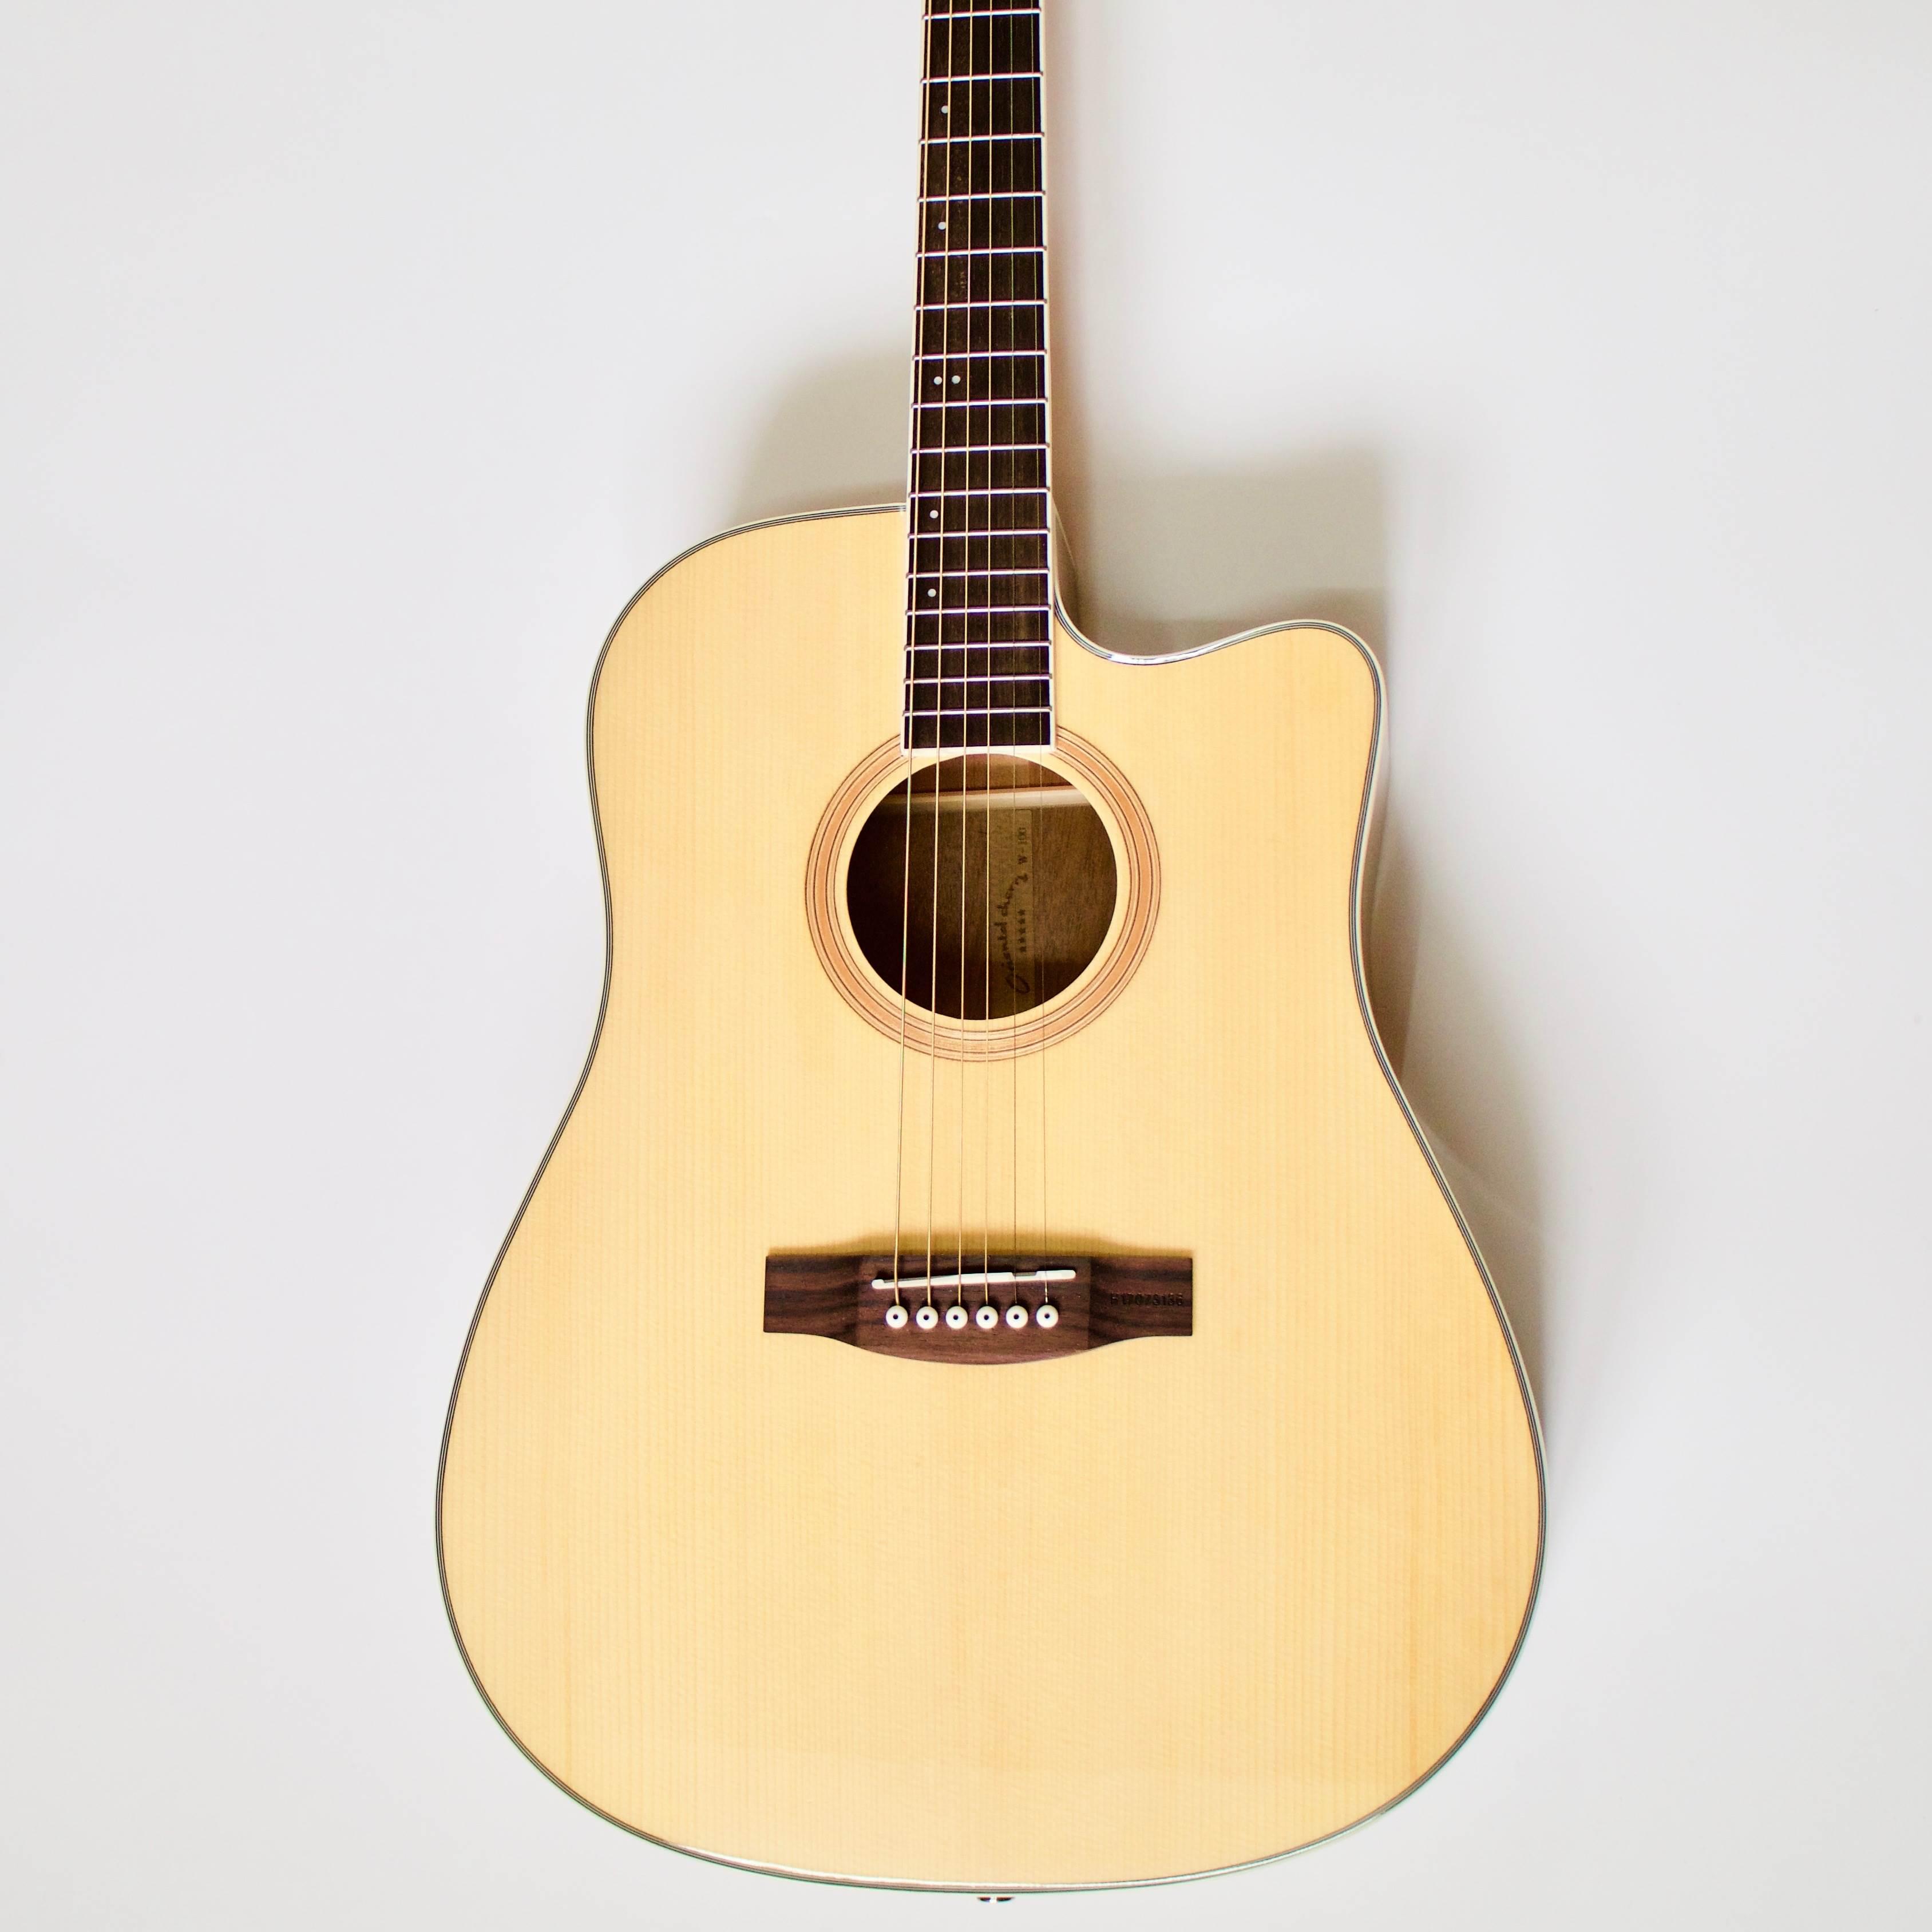 樱花民谣41寸吉他 初学者入门手工制作零基础吉它 学习男女乐器